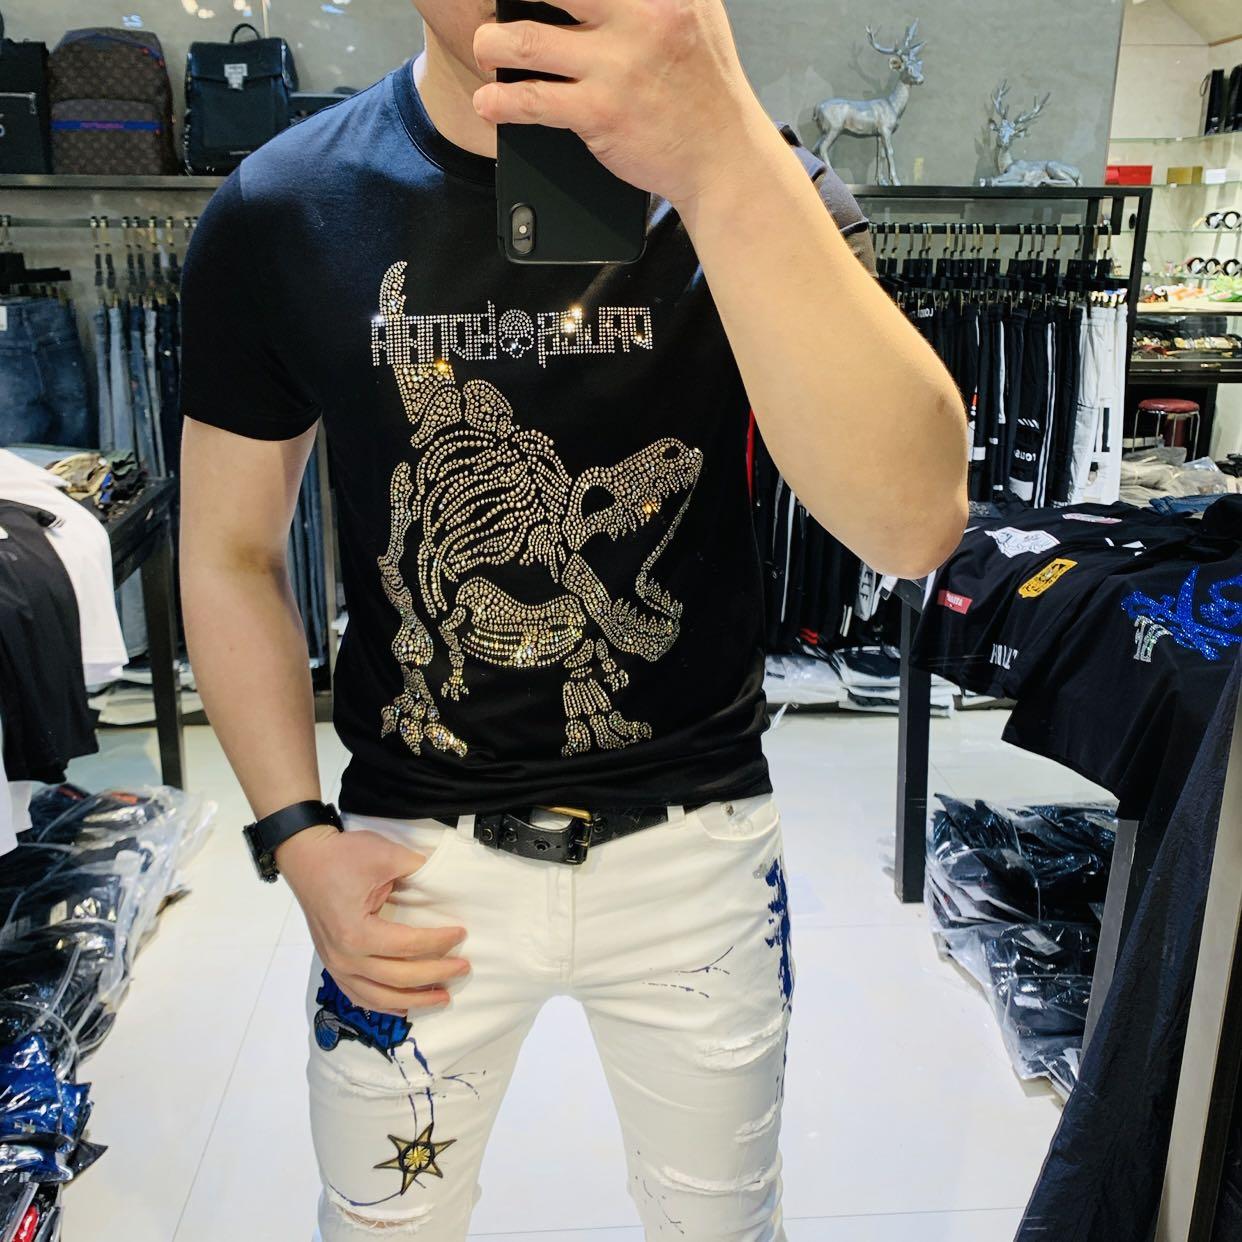 Davidromeo夏季新款欧洲站烫钻流行丝光棉T恤男抖音红人同款短袖